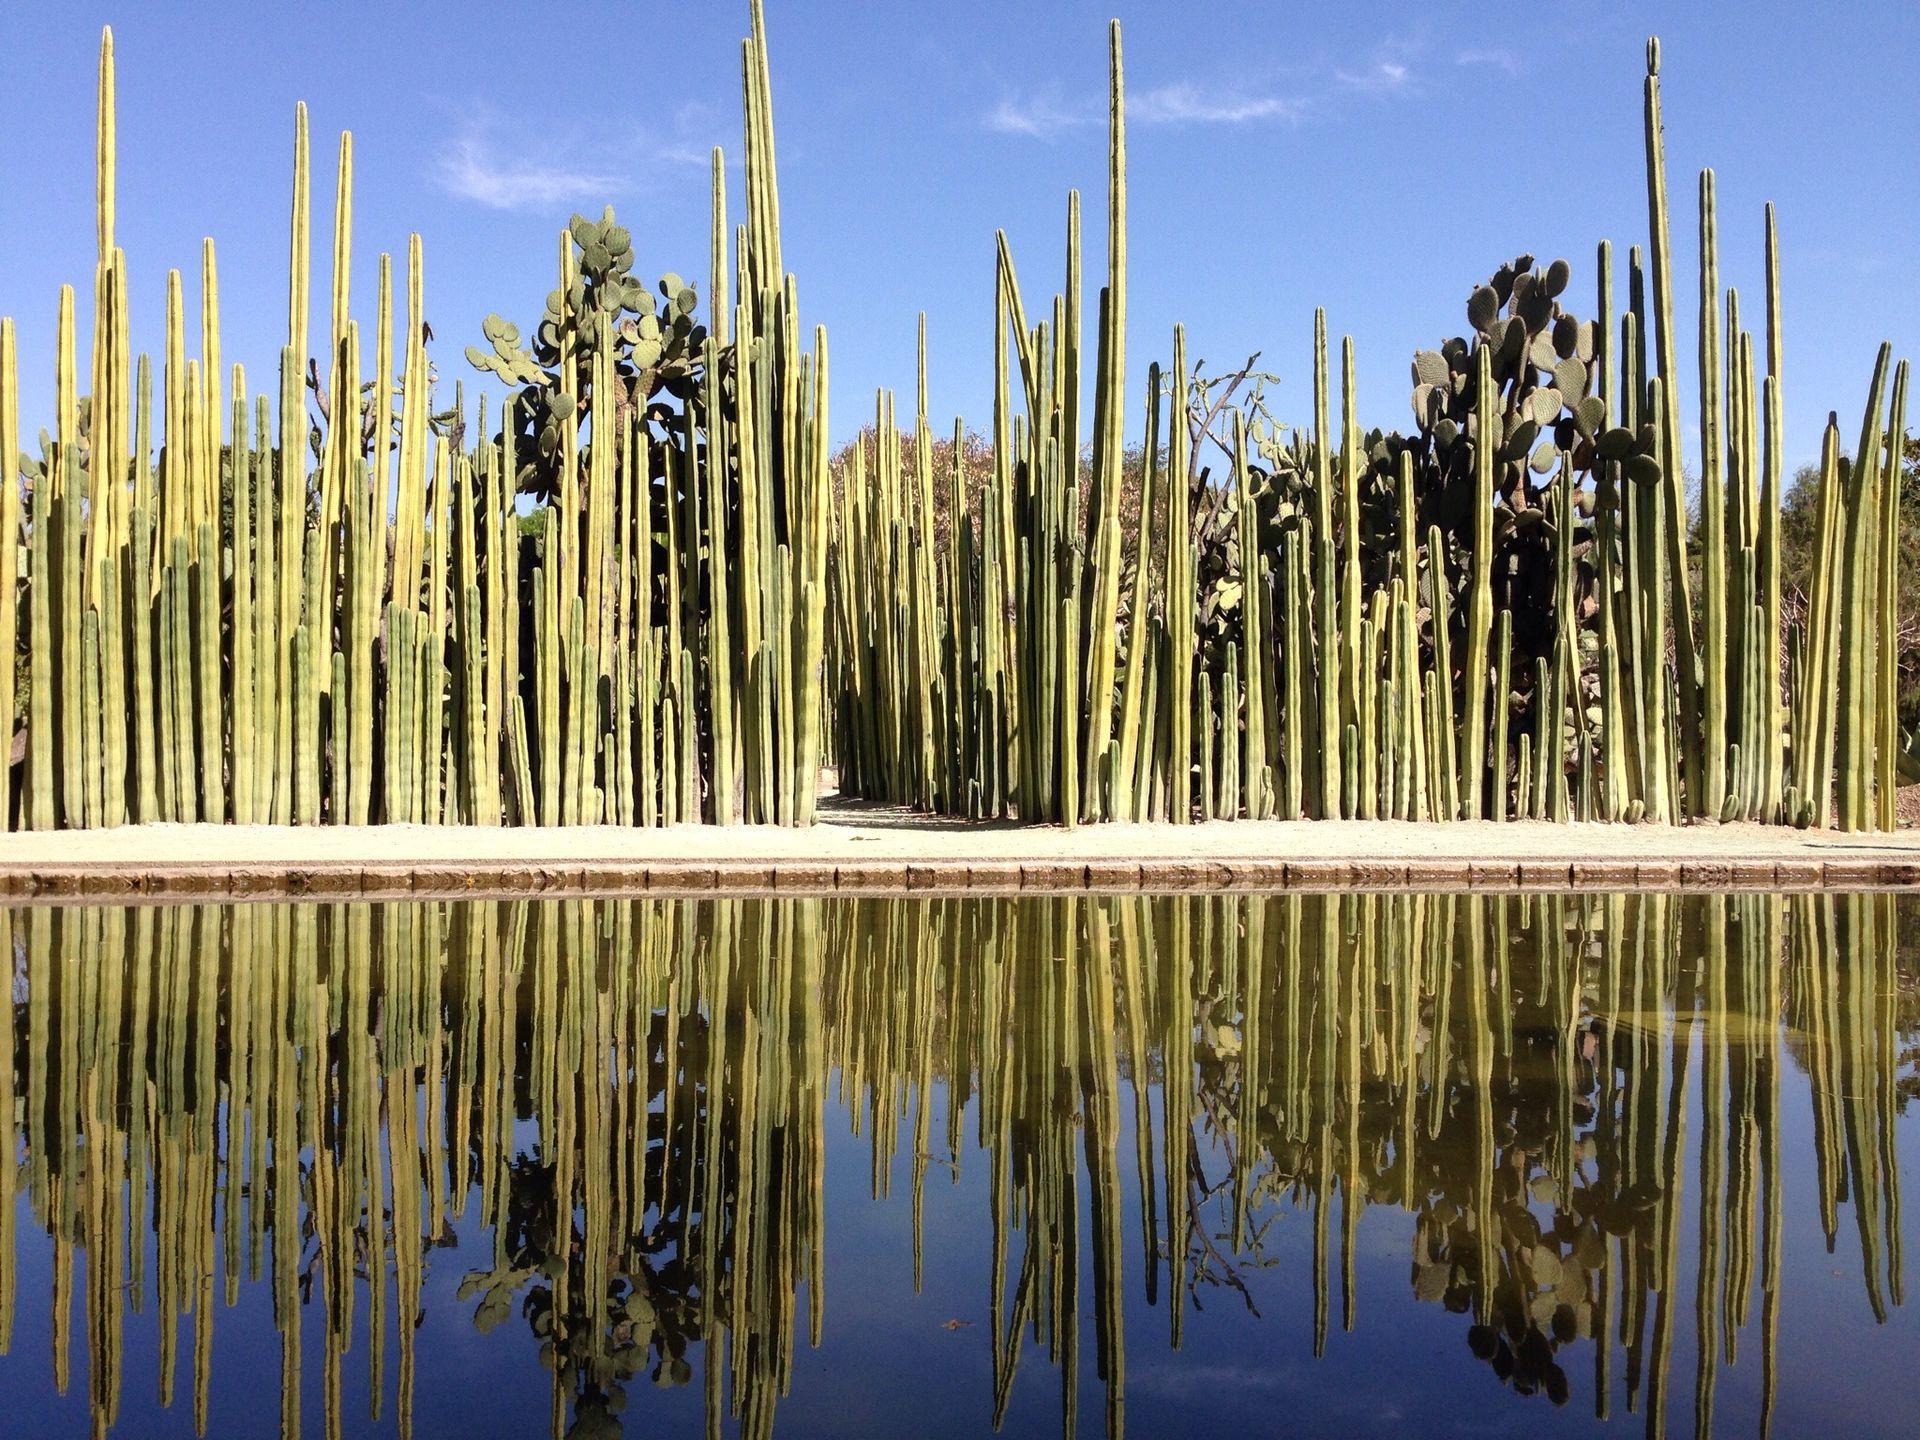 Jard n etnobot nico de oaxaca wikipedia la enciclopedia for Jardin botanico en sevilla